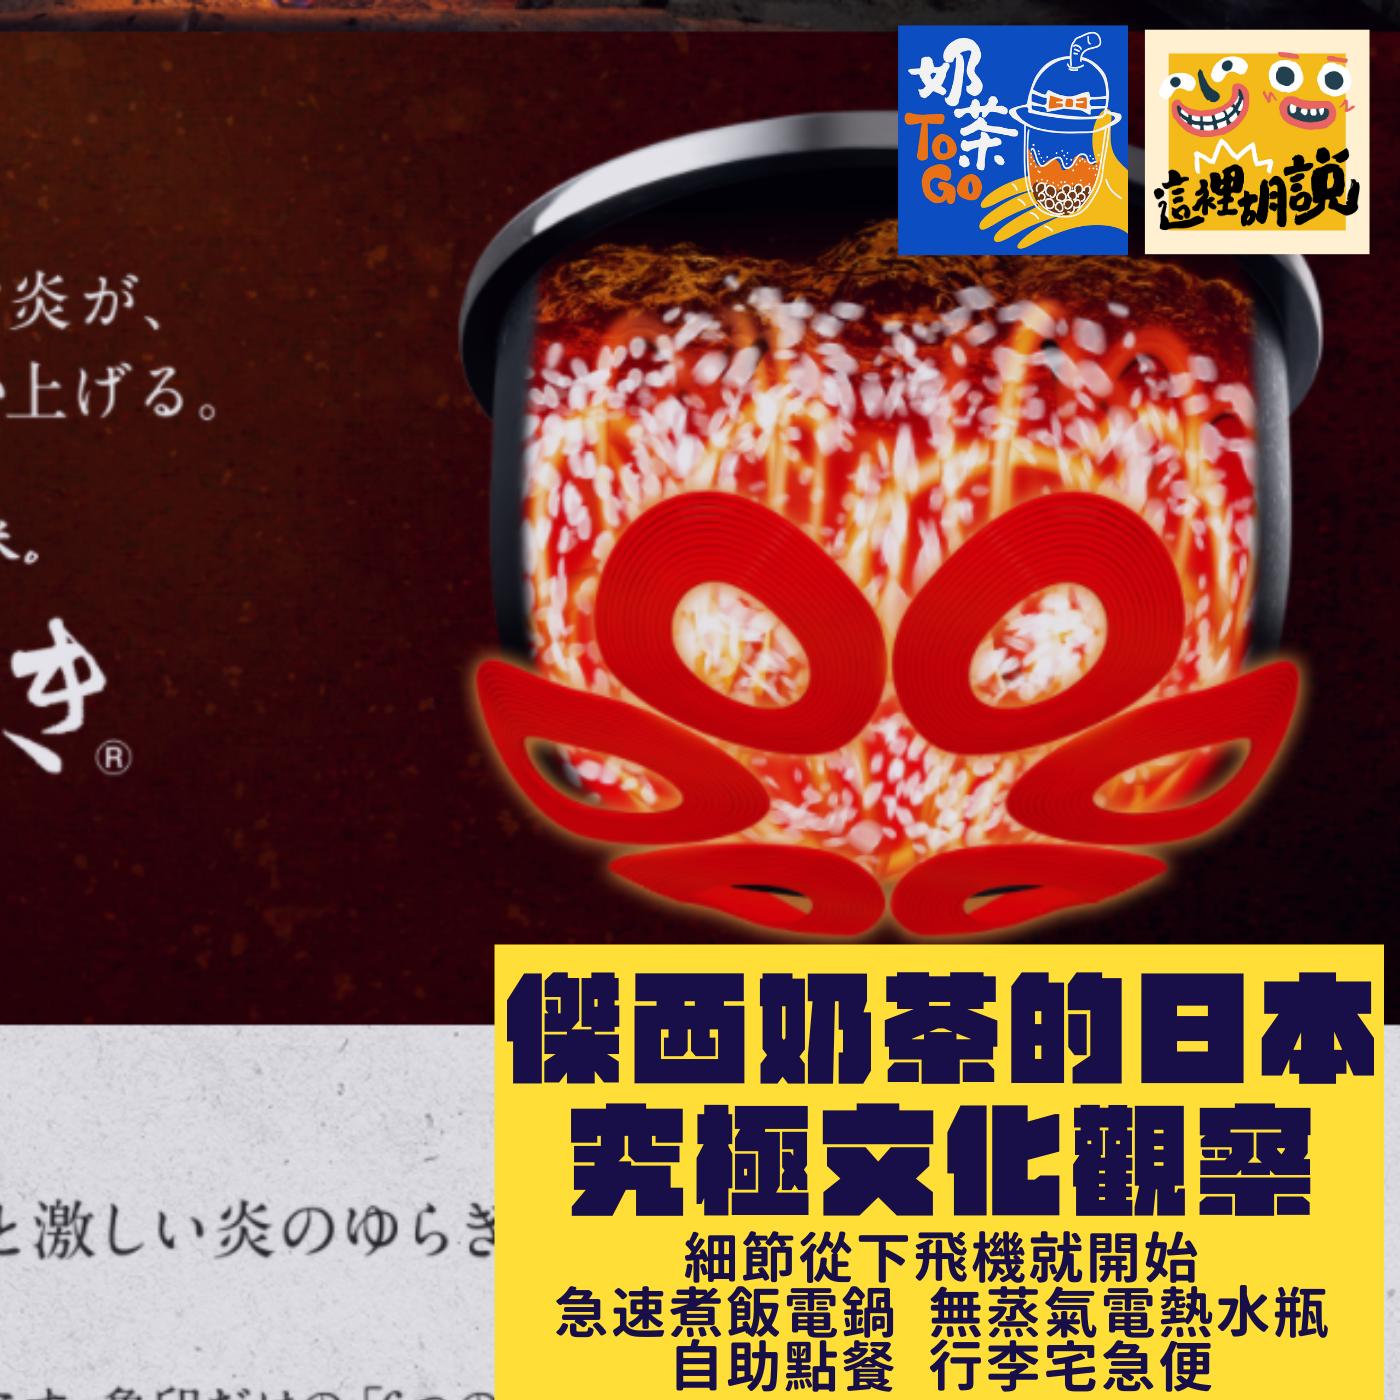 我的Podcast頻道:從兩個外國觀光客的看見.聊聊日本人到底可以細緻到什麼程度? 傑西奶茶的日本文化觀察 不想要麻煩別人衍生出來的各種服務 .   日本人就是怕麻煩你也怕麻煩我啦  ️日系飛機上的貼心服務有哪些  ️從移民官檢查的開始就很注重細節  ️幫行李做這些事!真心覺得非常貼心~  ️漢字標示是另外一個親切的來源  ️自助點餐自己看照片買餐券比較不會有壓力也節省人力成本  ️方便到讓你飛天的行李運輸服務  ️日本的伴手禮還有語言的繞圈圈  ️幫錯過終電車的住客想到的有哪些事?  ️很乾淨!怎麼摸都摸不到灰塵的乾淨!  ️早餐的美感,啊!日本的早餐一定要吃啊~  ️電鍋除了急速模式之外連加熱模式都有一直改進  ️電熱水瓶還有沒水蒸氣的版本  ️職人文化處處都是細節 連擦手的毛巾都有溫度的要求  ️氣象跟鐵路APP 好用無敵準  ️暫時不能去日本,那...送你去住一樣很細緻的飯店好嗎?     - 送兩張住宿券,老爺聯合住宿券: 讓老爺酒店系列最細緻的服務來感動你的日本魂! 1.請聽完本節目,到指定貼文按讚、留言以及公開分享。 https://bit.ly/2QG6zeZ 2.告訴我們你最喜歡日本的哪一種服務細緻? 3.5/2 晚上20:00我們來抽出兩位幸運去住老爺酒店的捧由啊!  Powered by Firstory Hosting